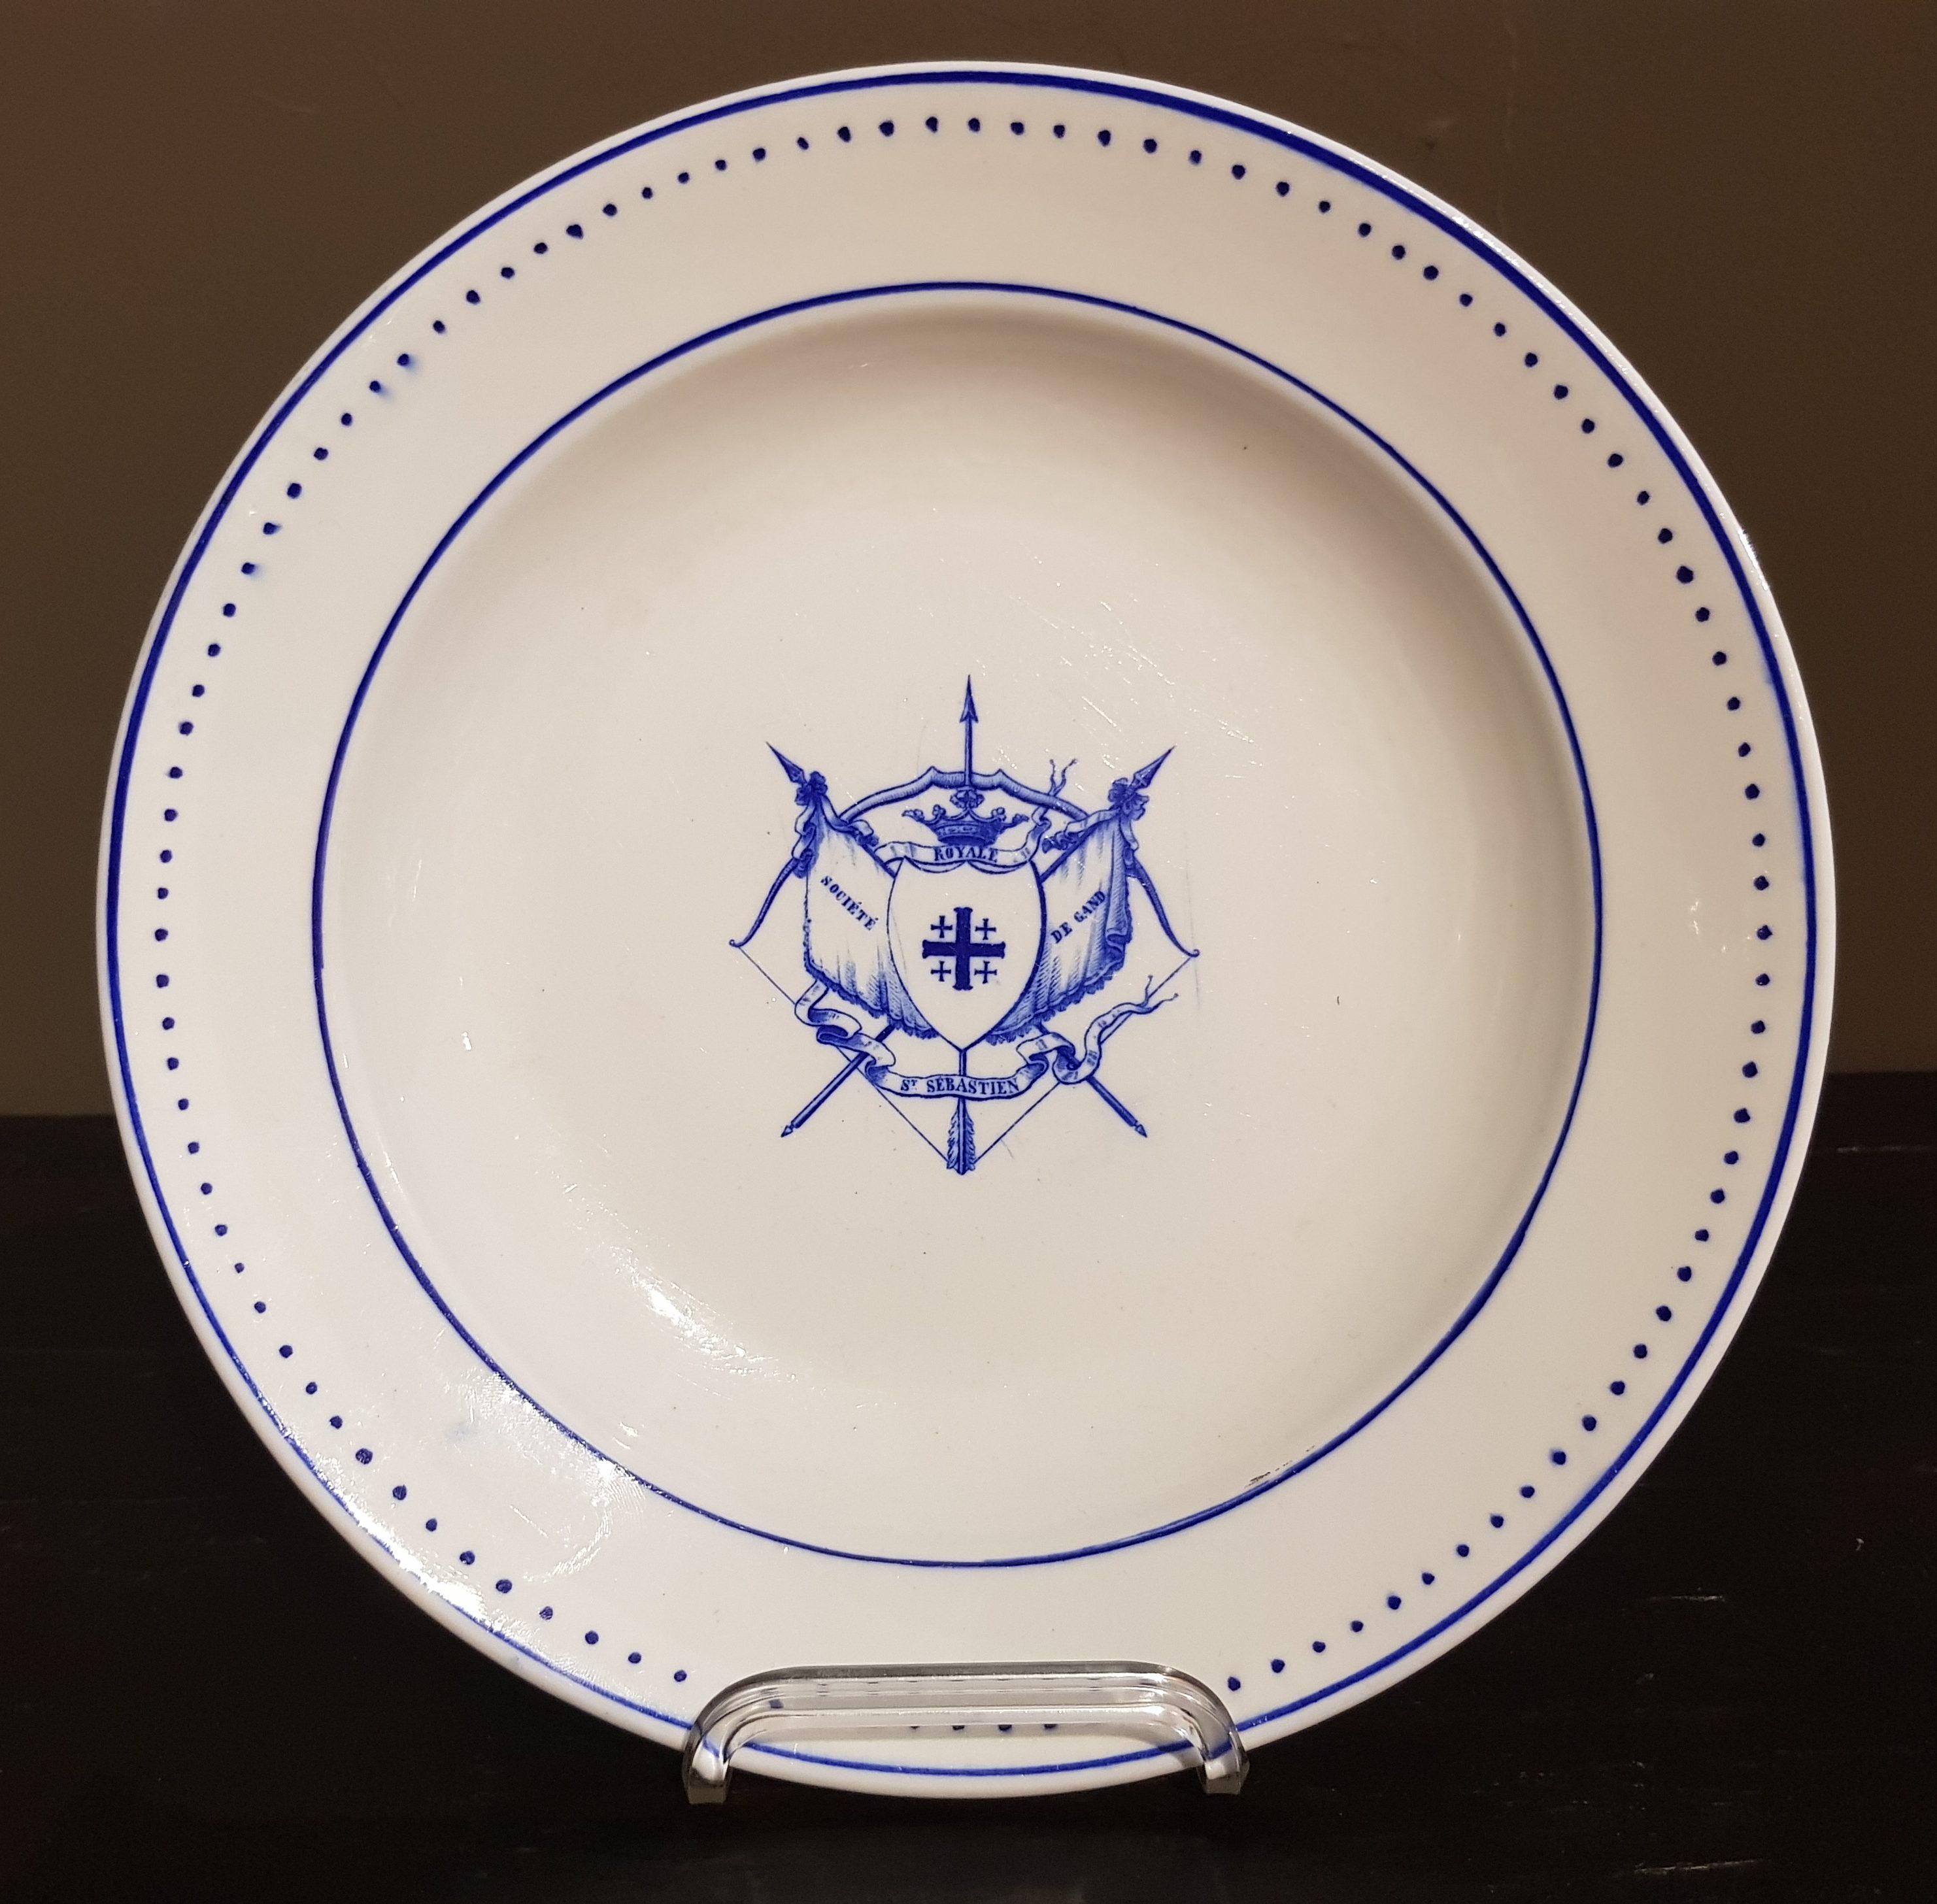 Prix de tir St Sébastien de Gand en Porcelaine de Tournai - VENDU Image